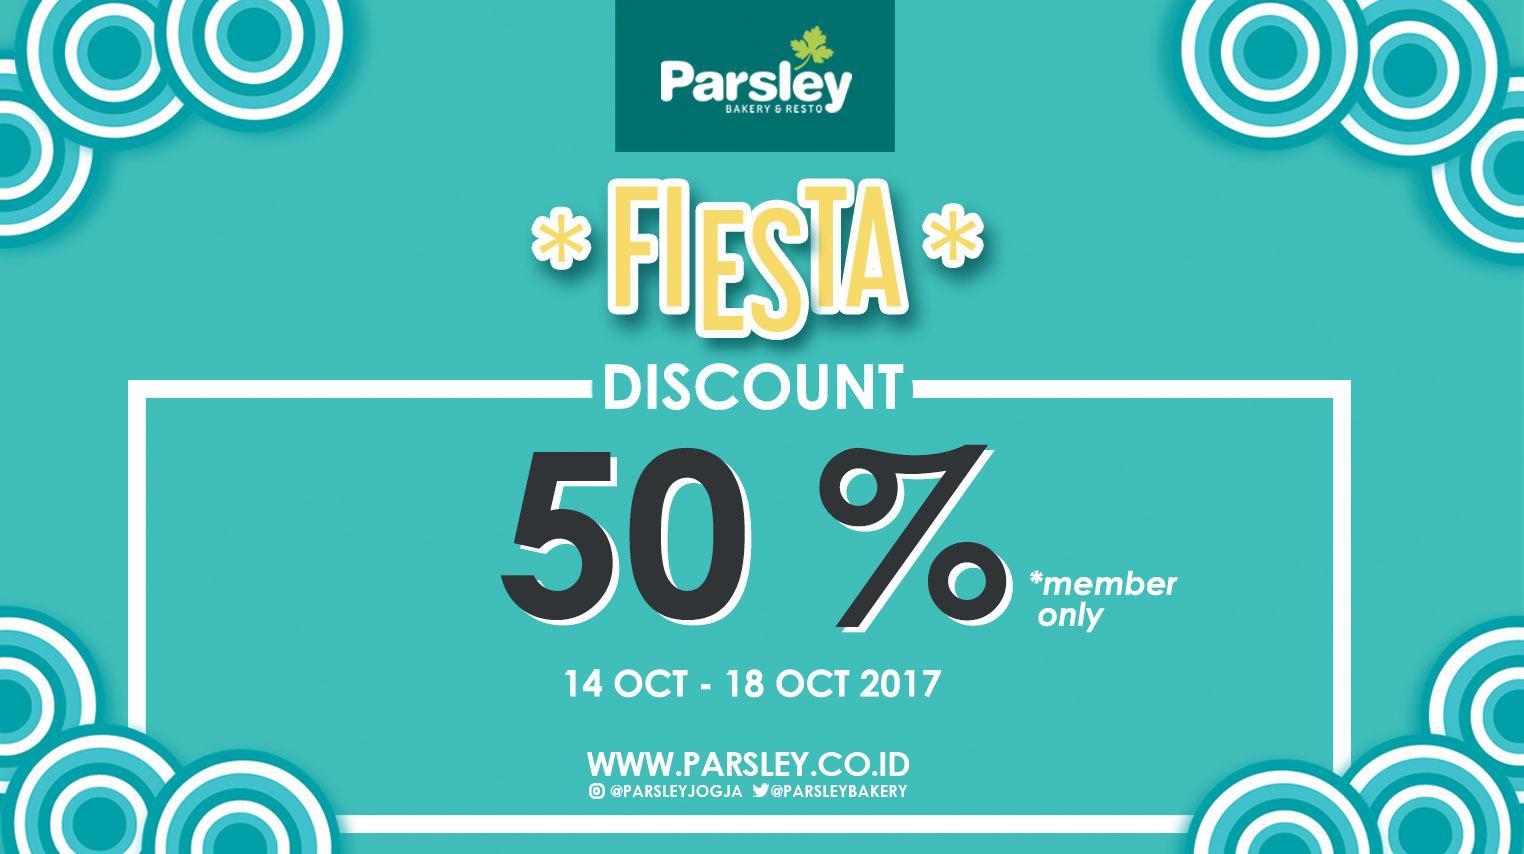 FIESTA - Get Discount 50%